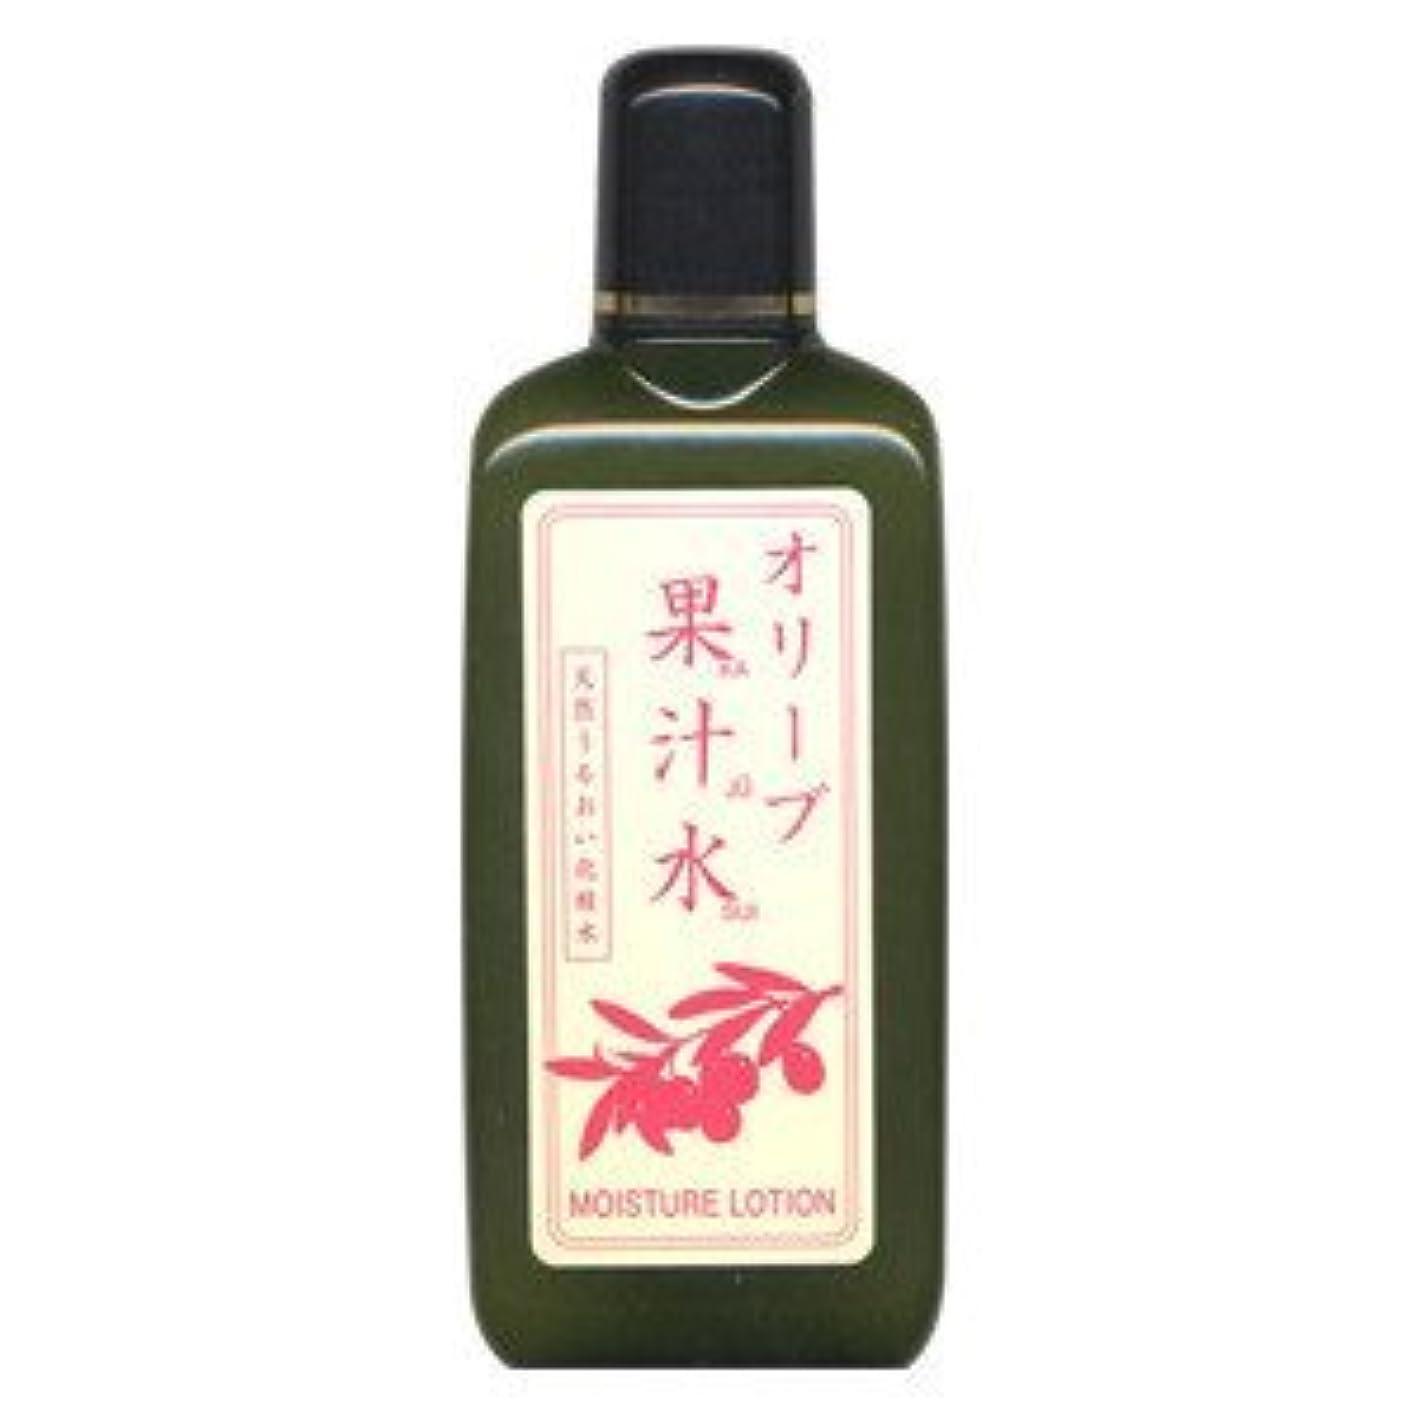 違反する強制的アルコール日本オリーブオリーブマノン グリーンローション 180ml